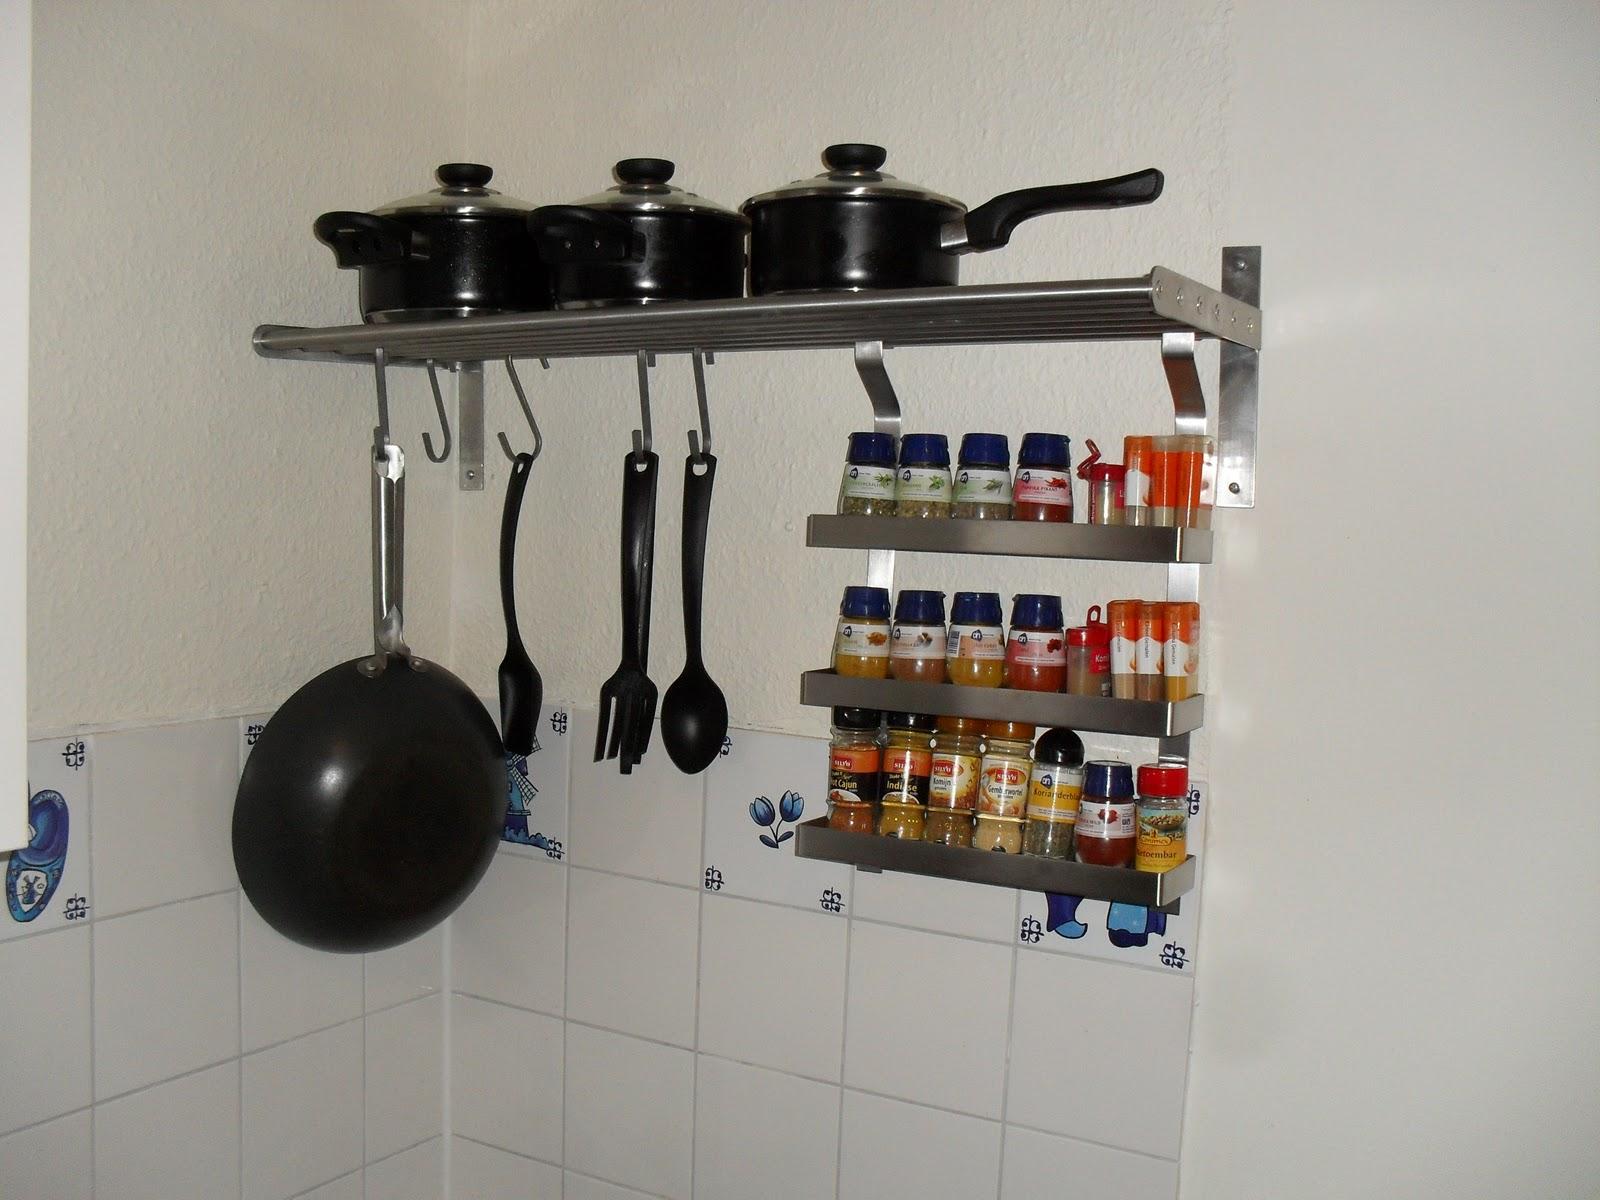 Handdoek Ophangen Keuken : Ophangsysteem keuken ikea u informatie over de keuken